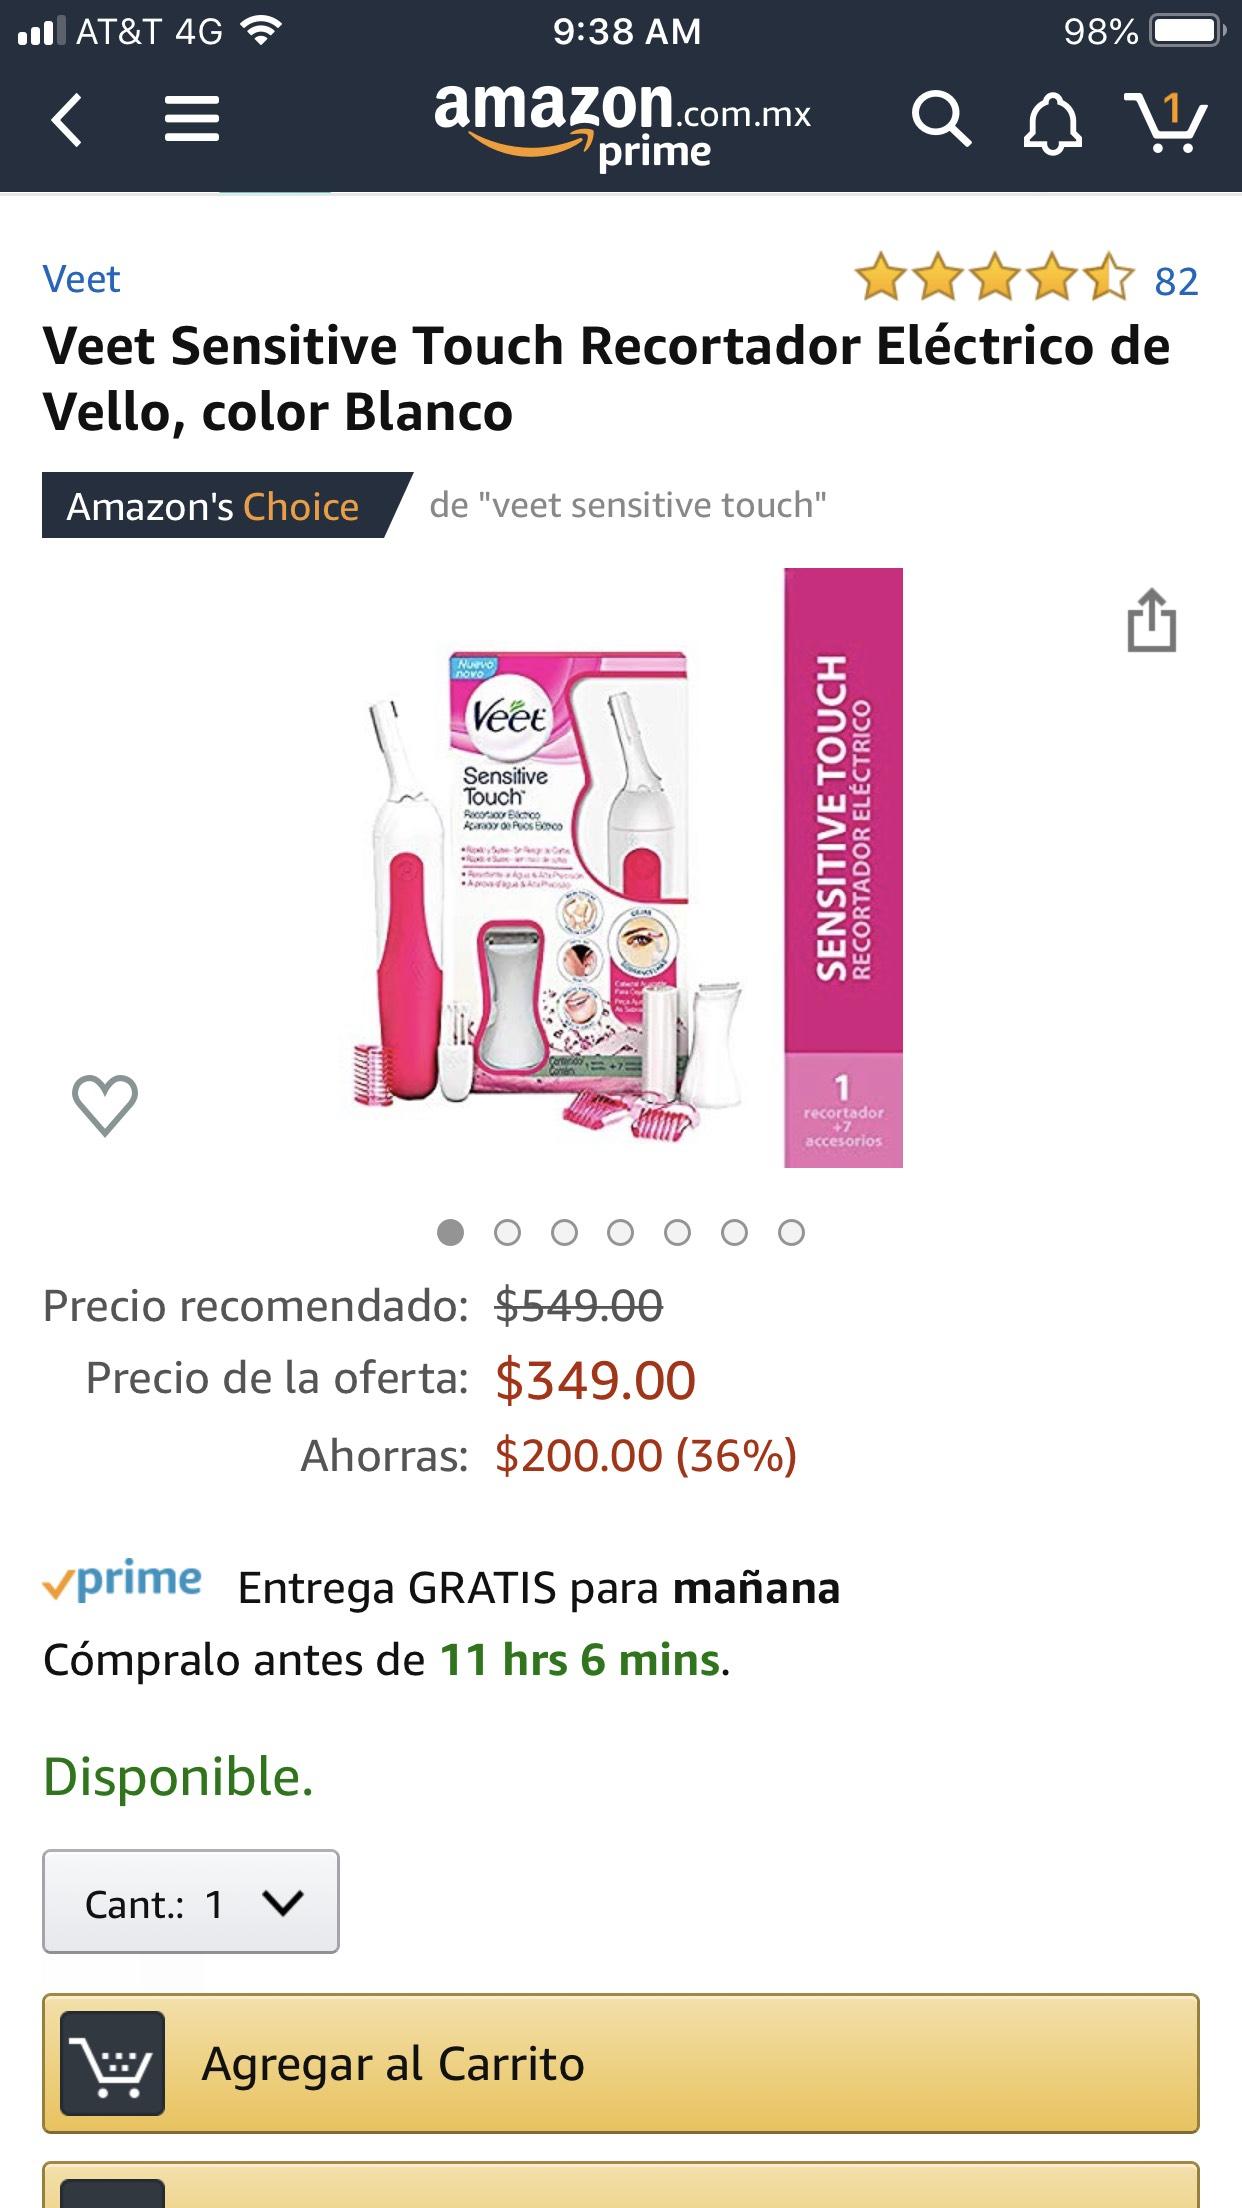 Amazon: Veet Sensitive Touch Recortador Eléctrico de Vello